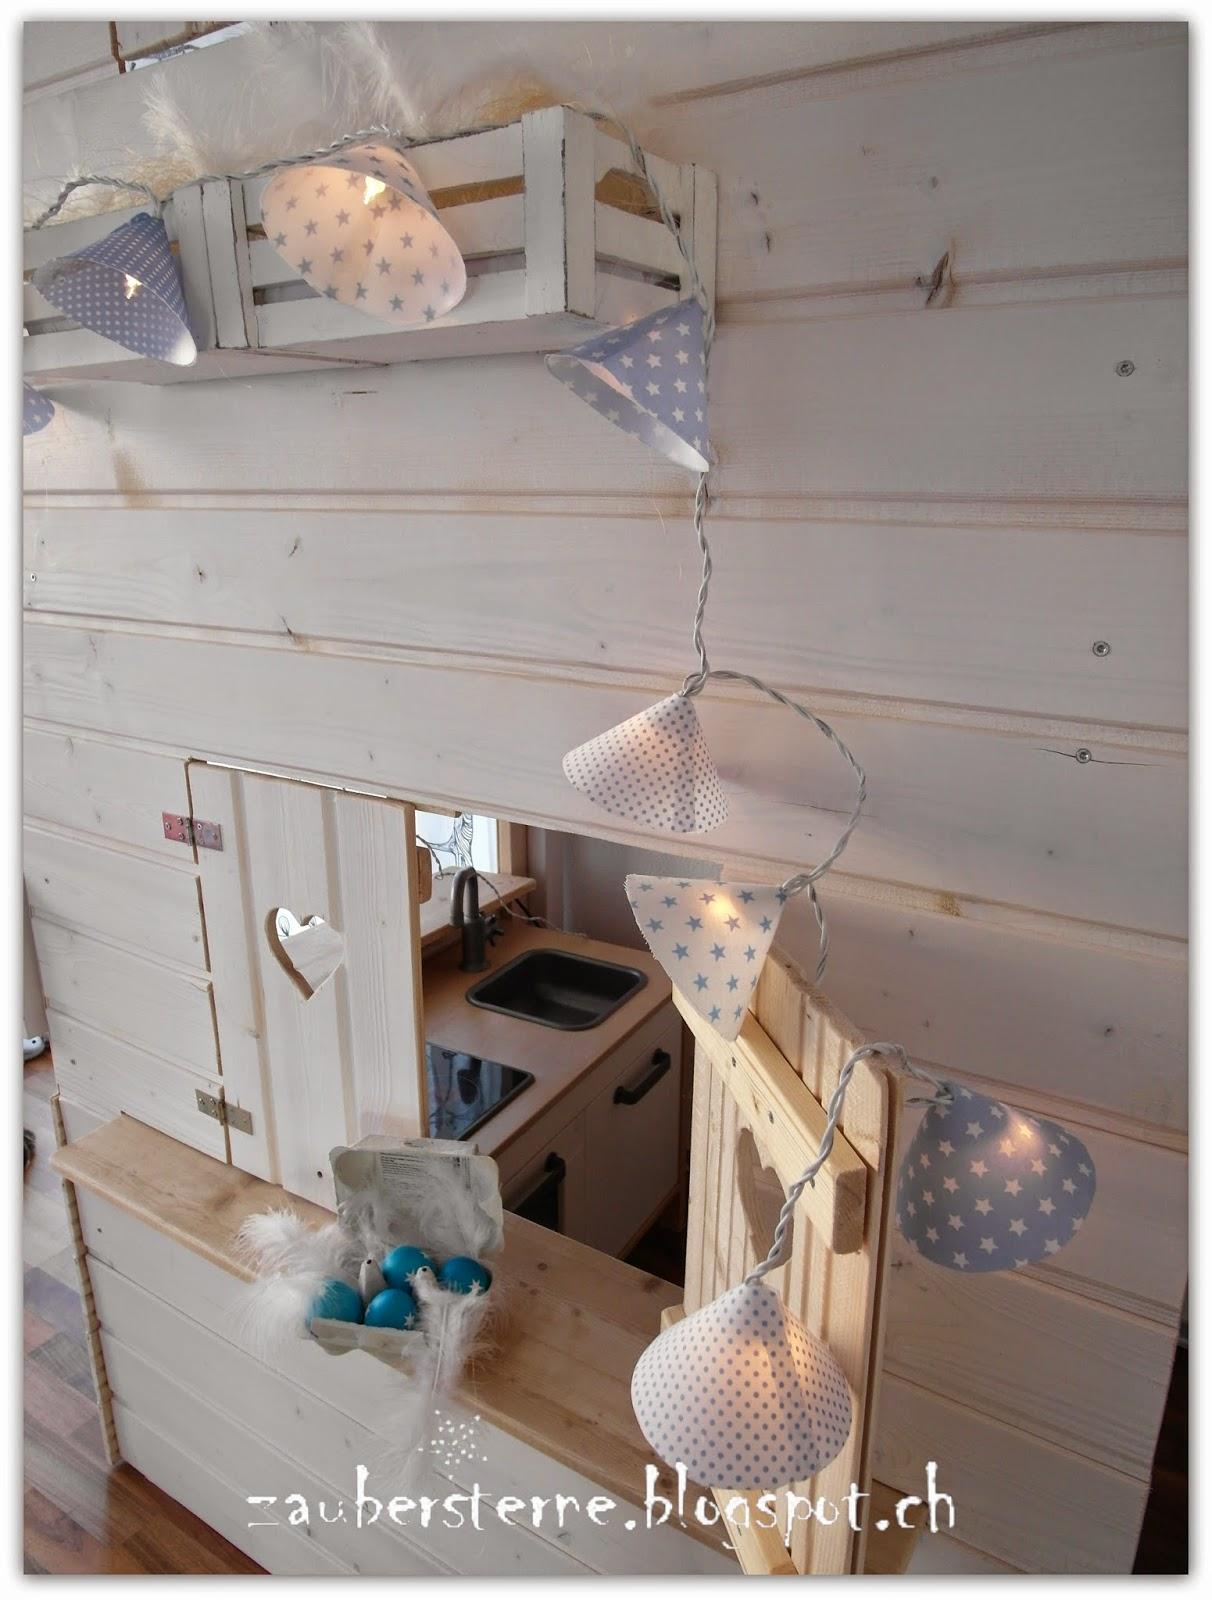 DIY Lichterkette, Kinderbett, Kinderhochbett, Hochbetthaus